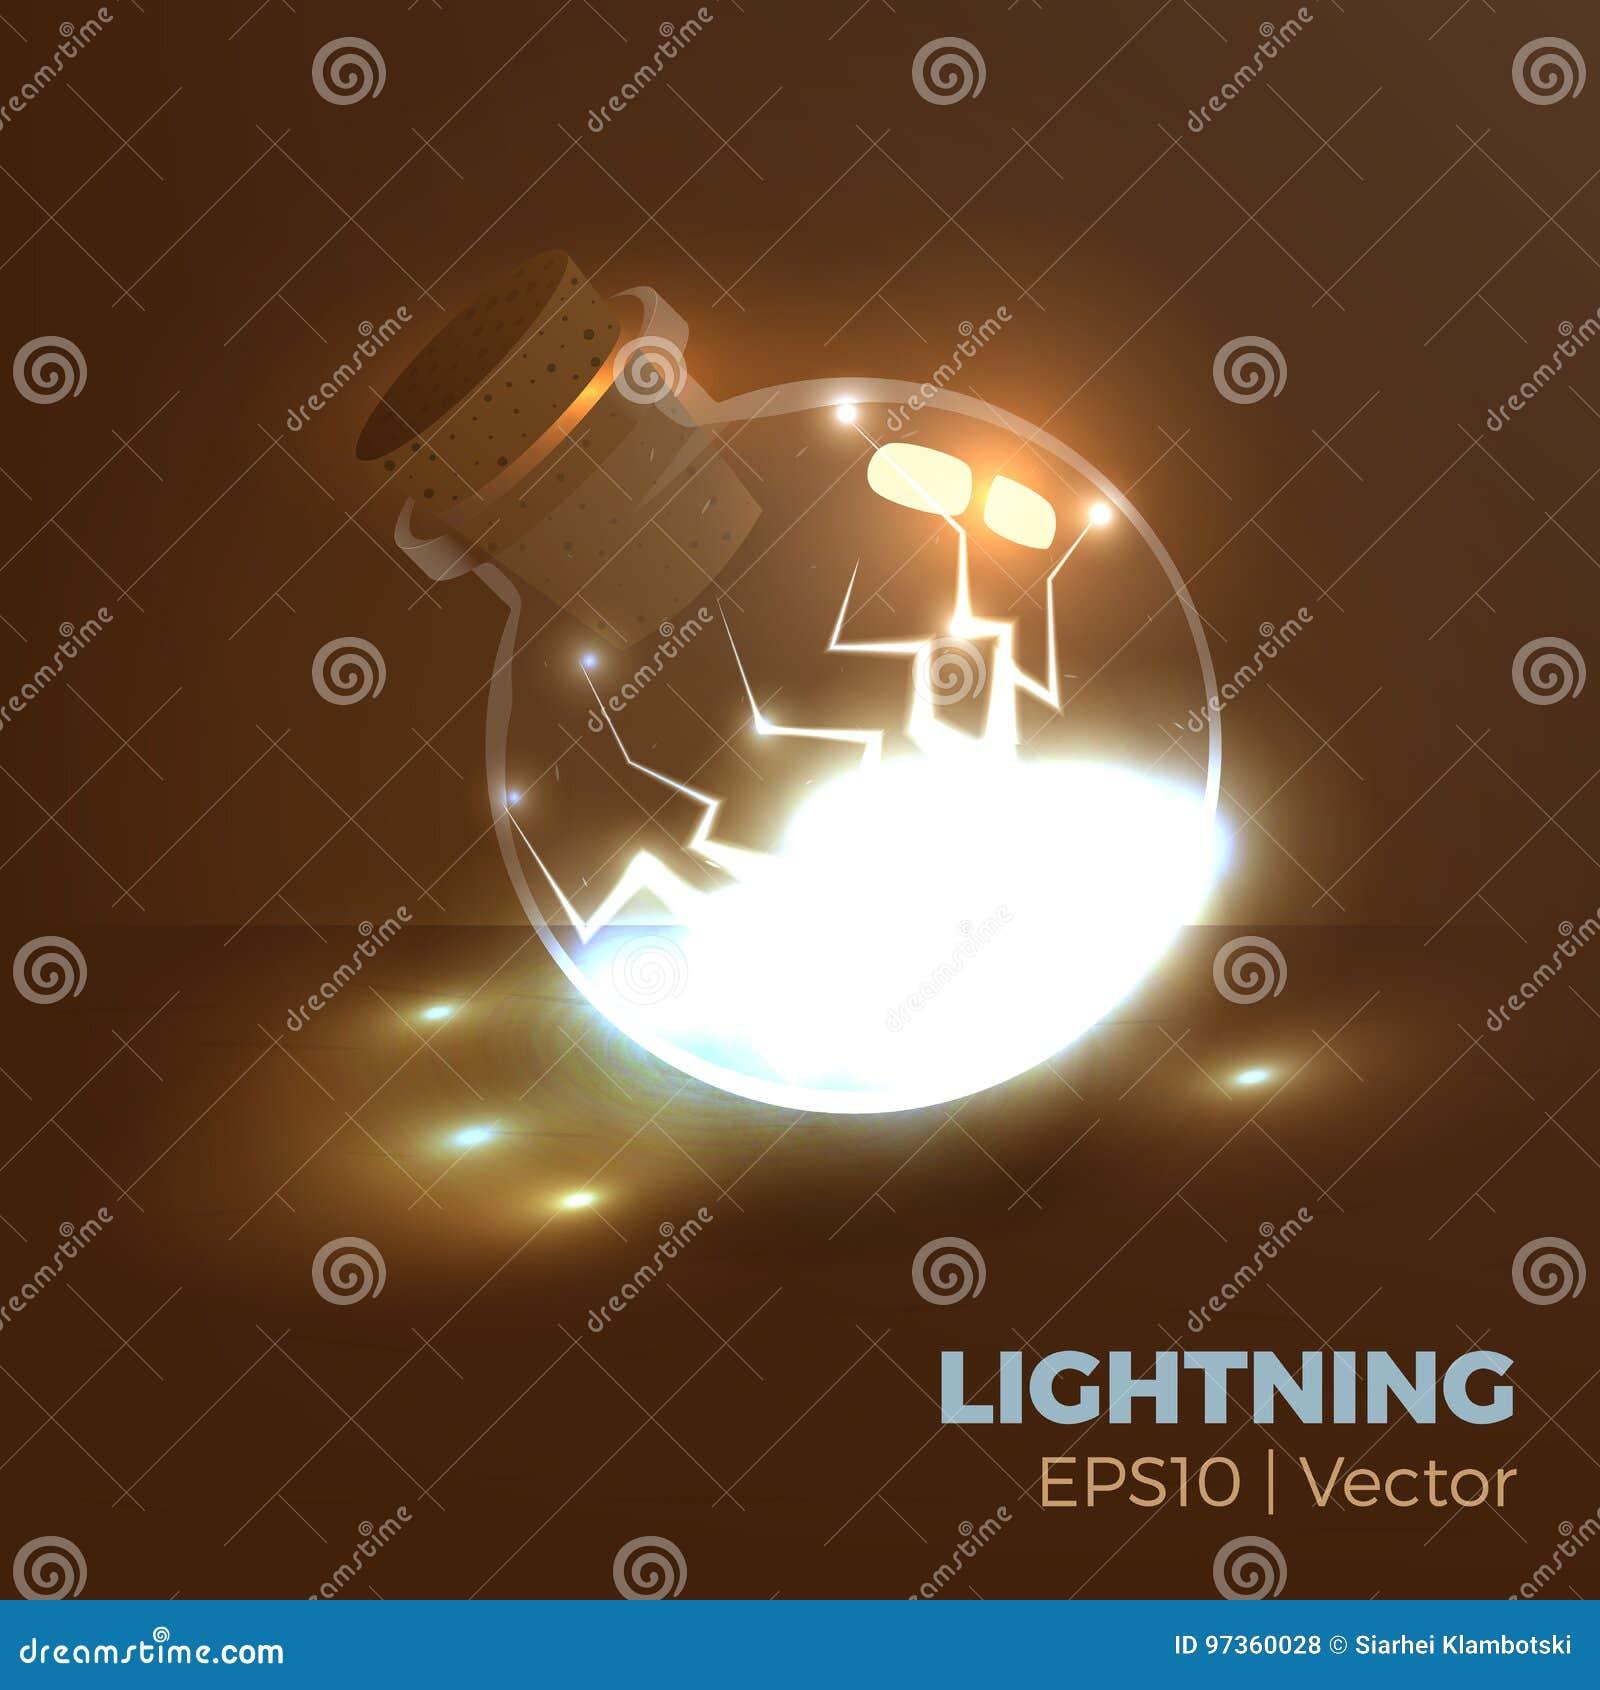 Lightning in bottle